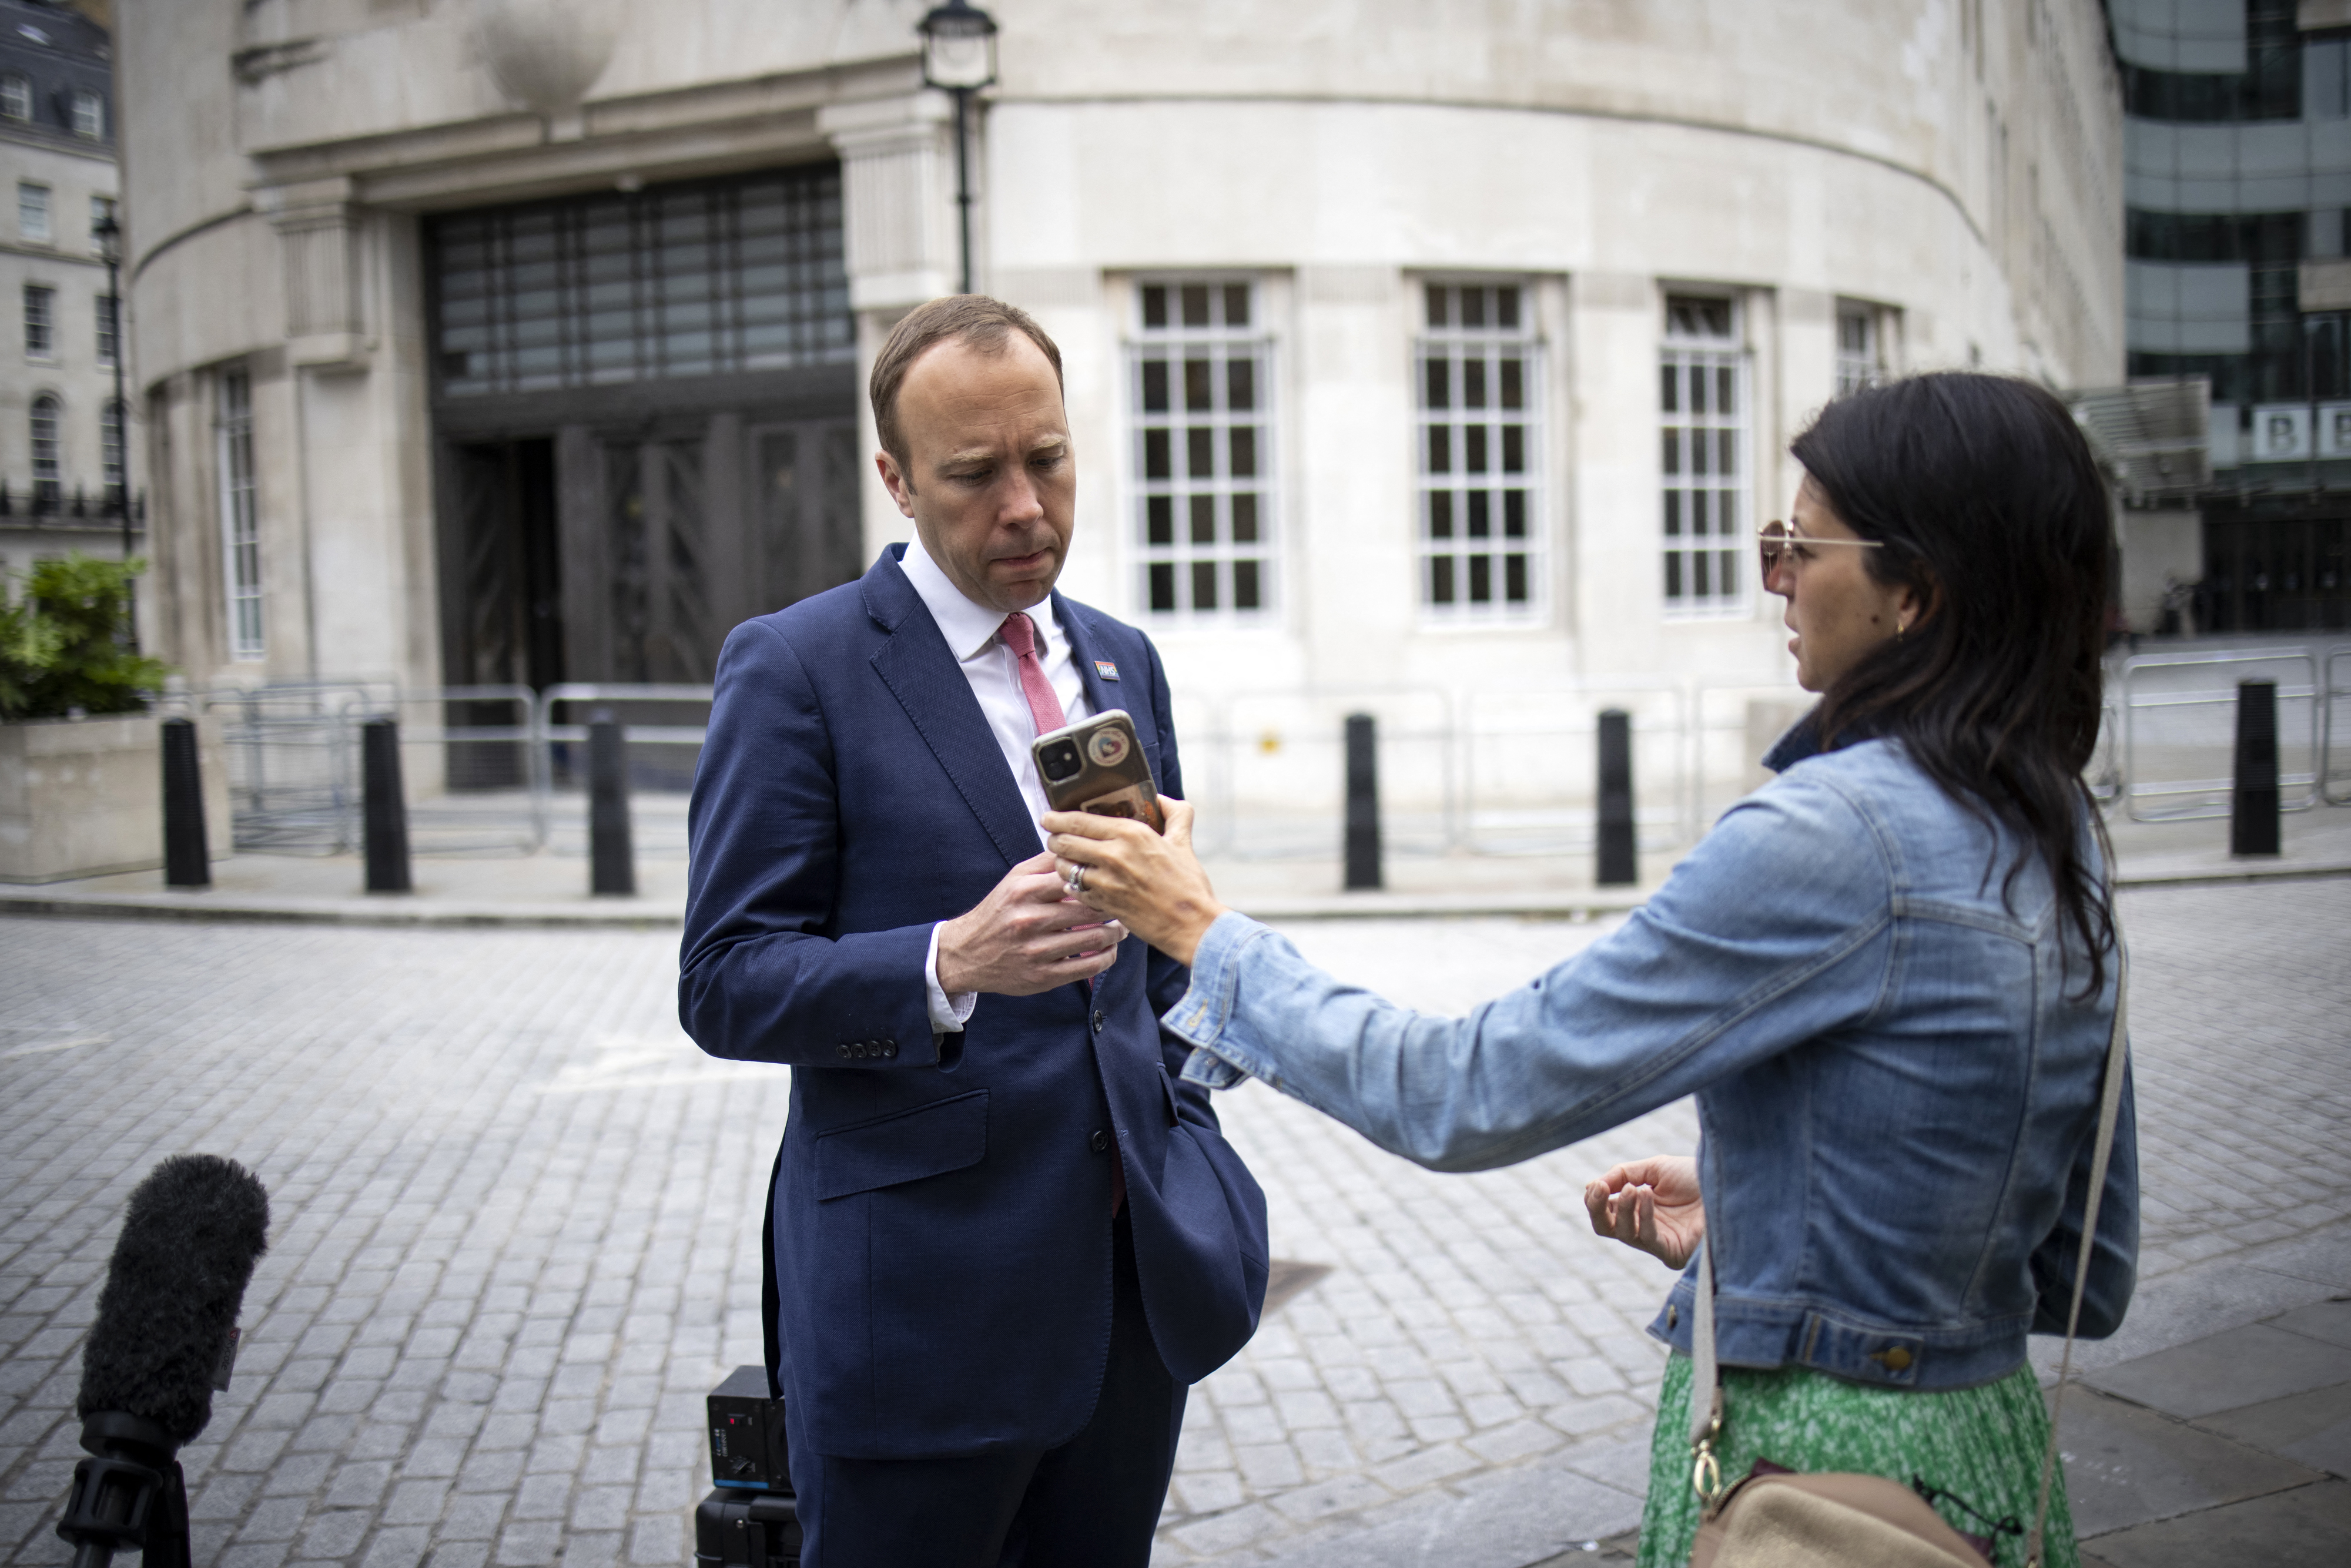 Lemondott a kiszivárgott videón csókolózó brit egészségügyi miniszter